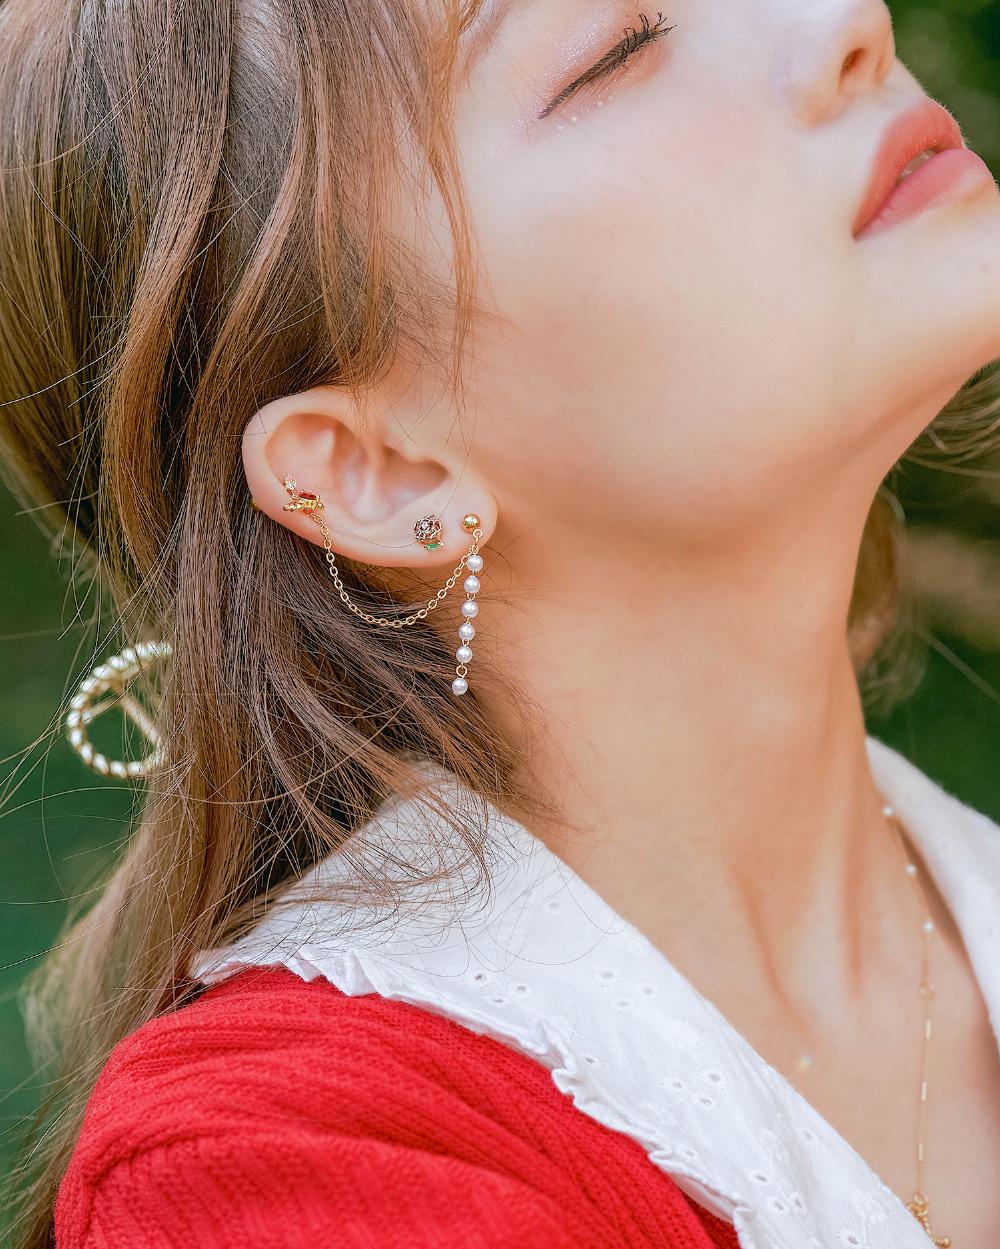 accessories detail image-S2L8